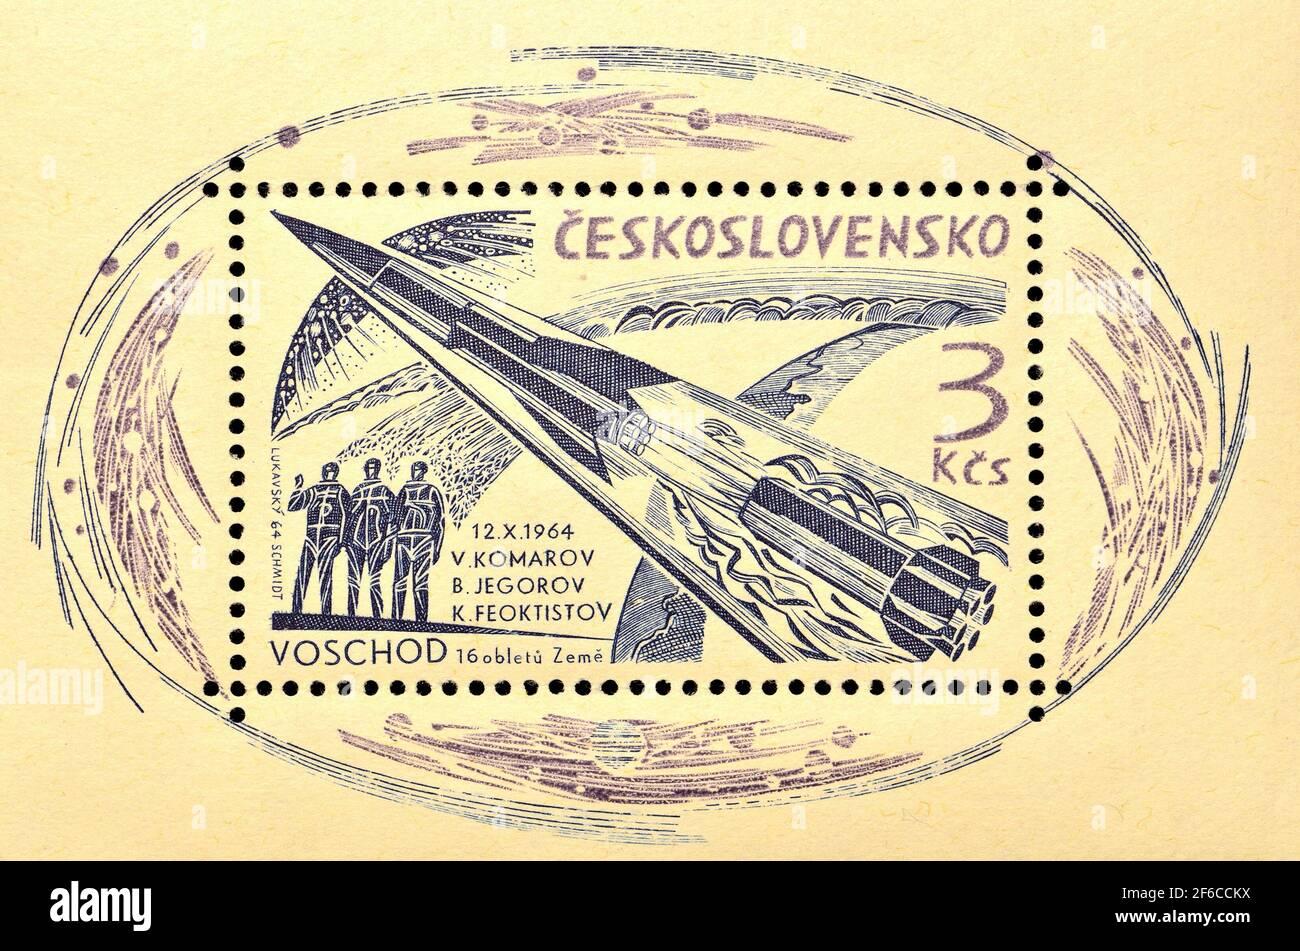 Czecholslovakian Briefmarke Mini-Blatt (1964) zum Gedenken an den Start des sowjetischen Raumschiffs Voskhod I mit 3 Astronauten Vladimir M. Komarov, Bo Stockfoto